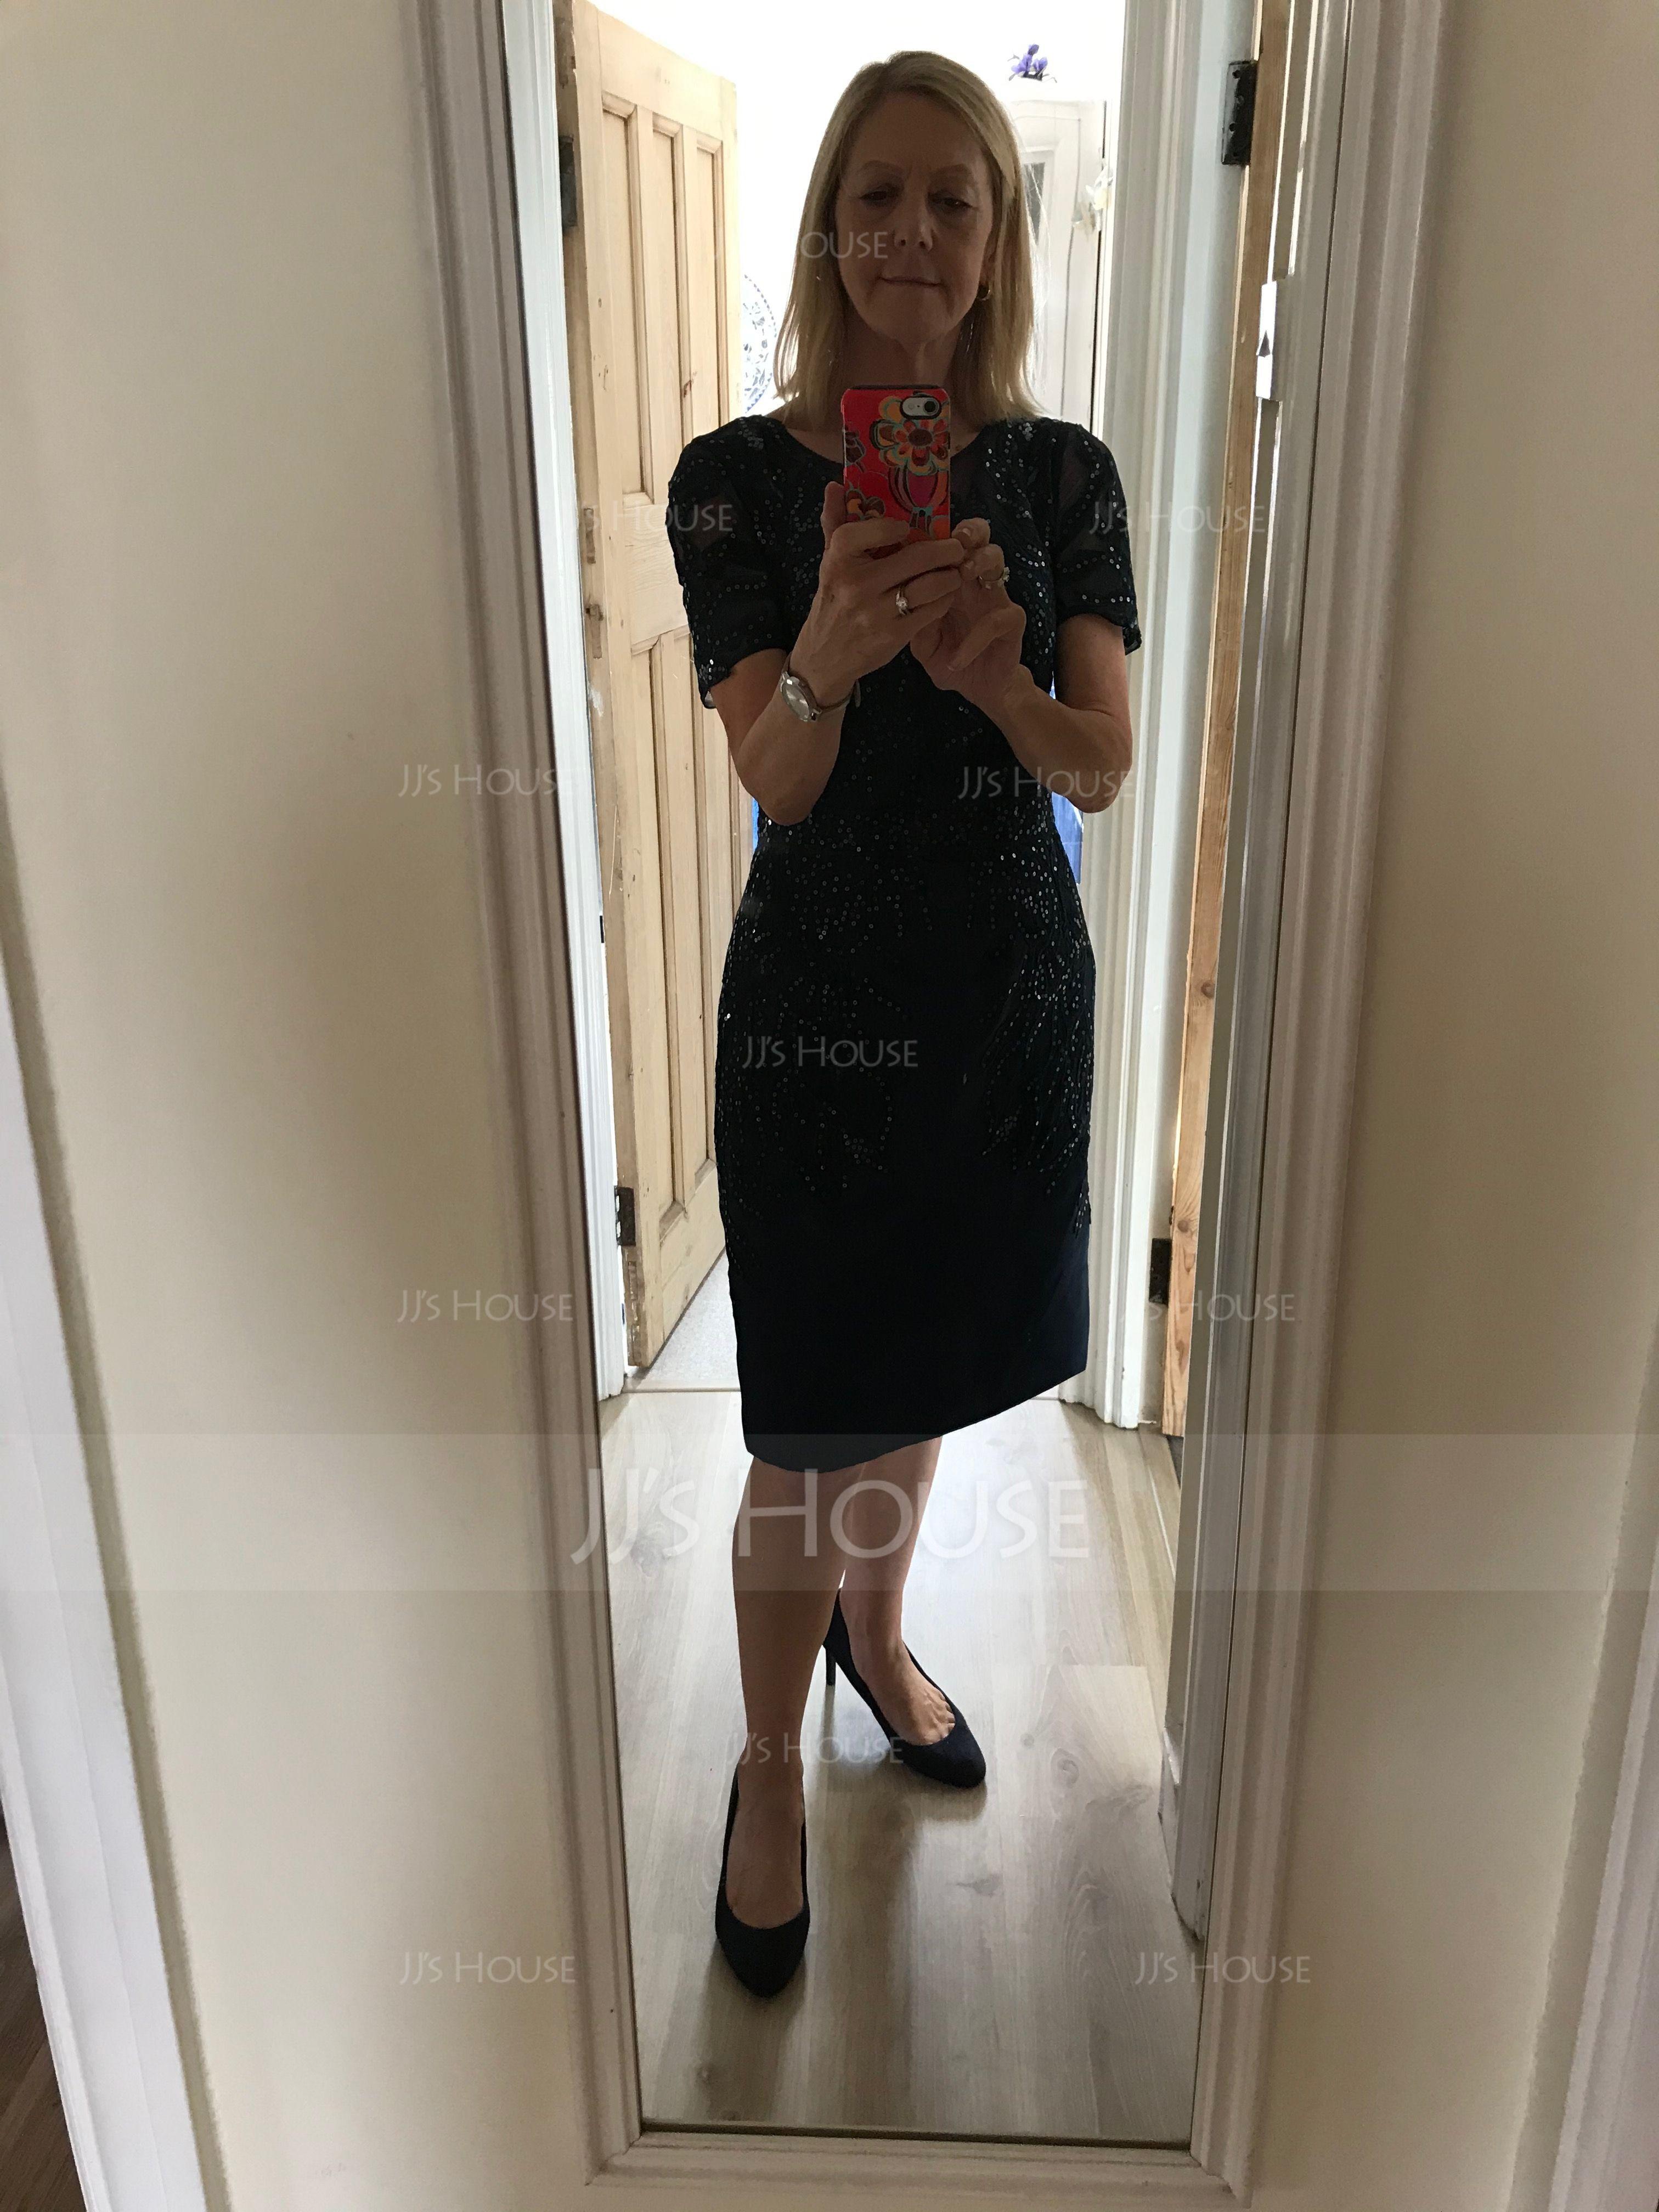 シース スクープネック 膝上丈 サテン レース ミセスドレス とともに スパンコール